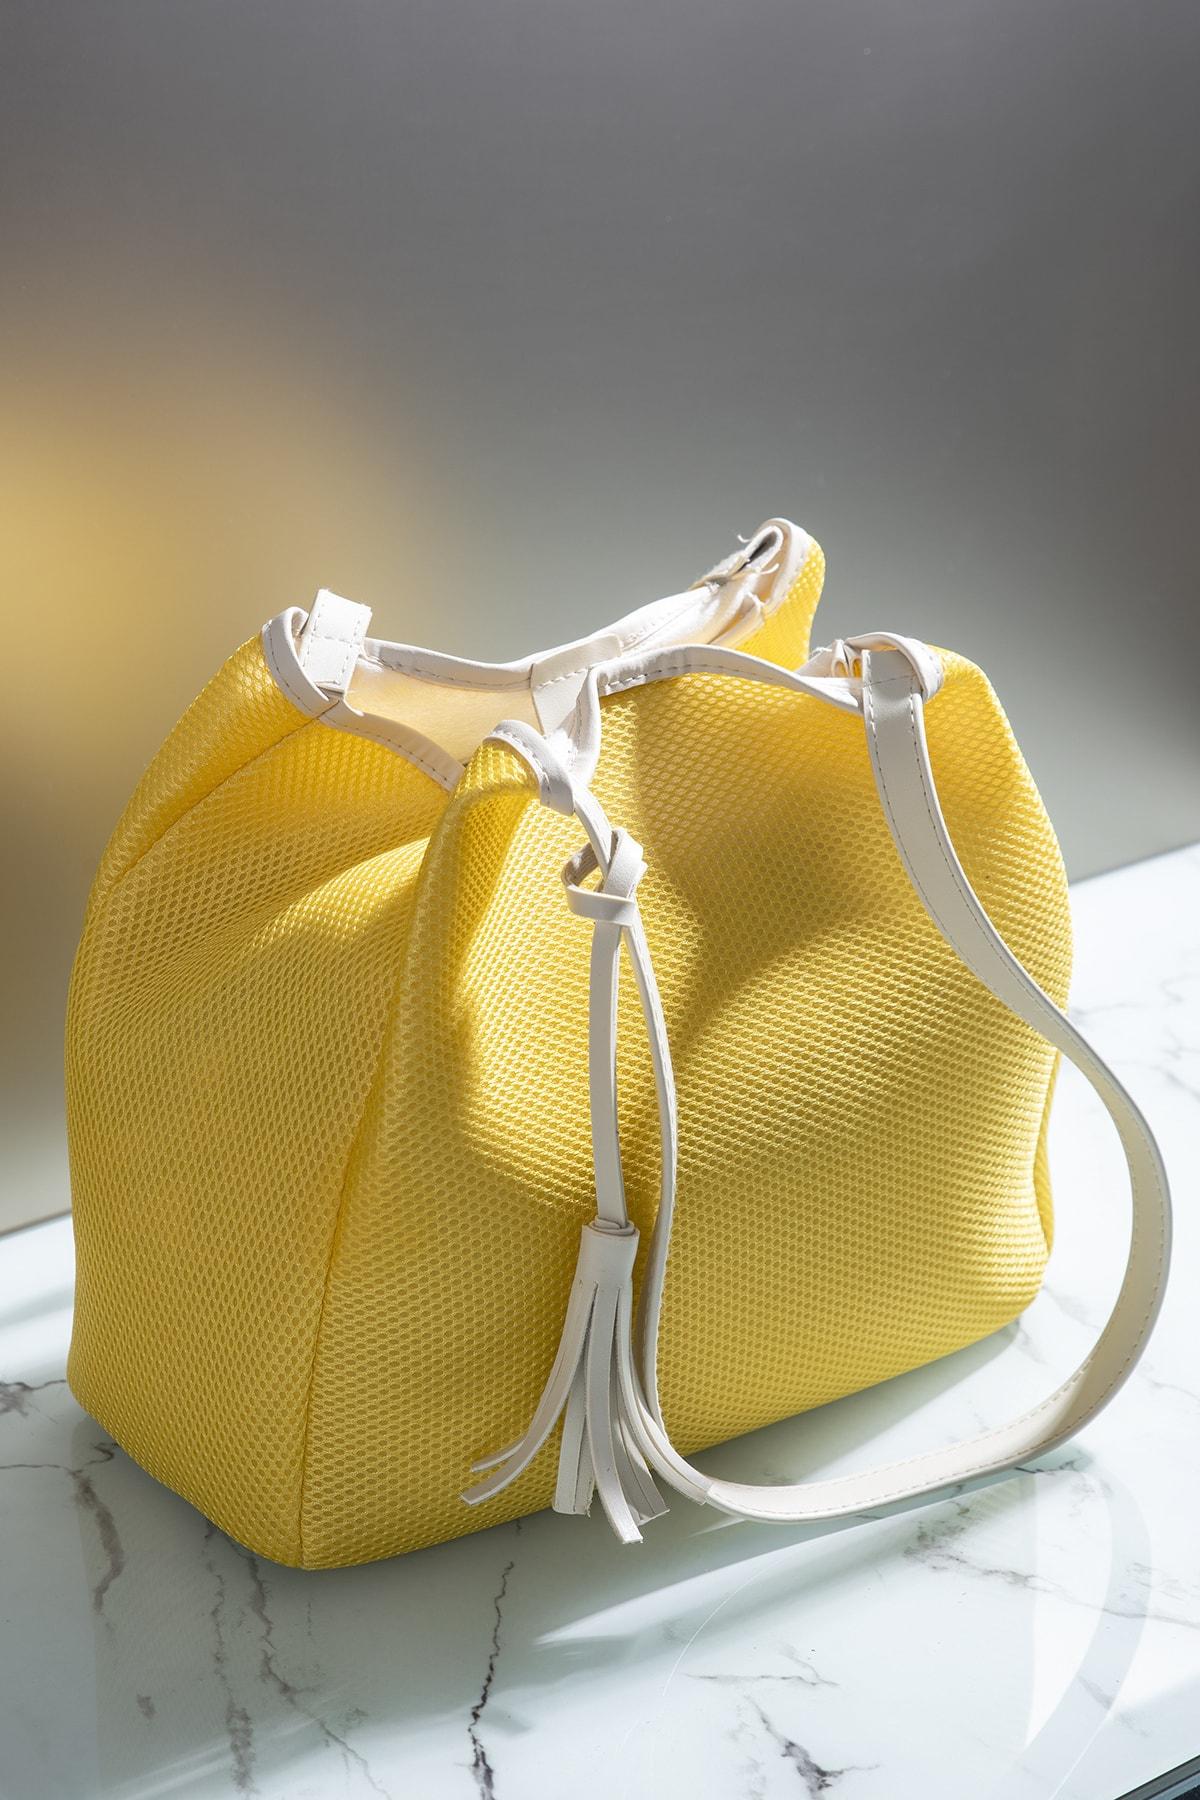 Tonny Black Kadın Çanta Sarı Beyaz Tbc05 1